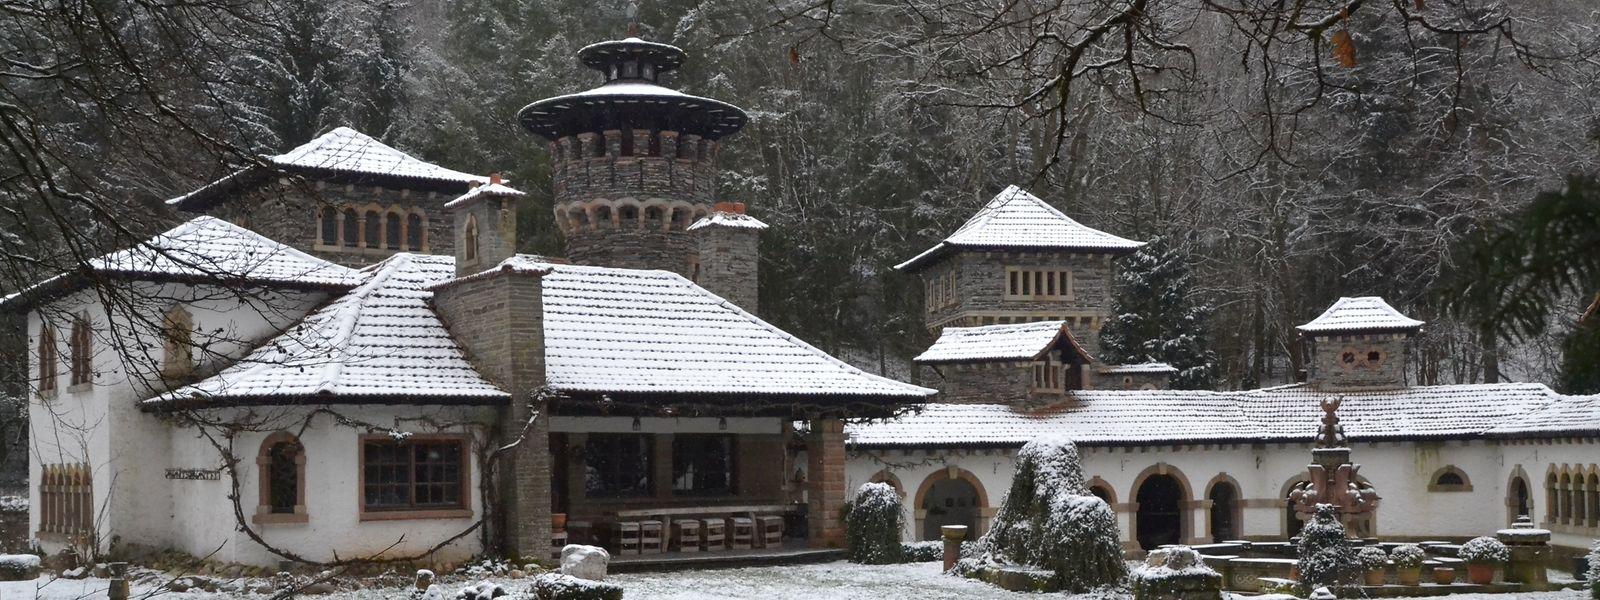 40 Jahre lang hat Bauherr Pol Gilson an seinem Haus gebaut. Zunächst als Ferienchalet angedacht, wurde es nach und nach zu einem regelrechten Juwel im Walde. Ein Schatz, der erhalten bleiben soll – dafür sorgt nun die Gemeinde Mertzig.